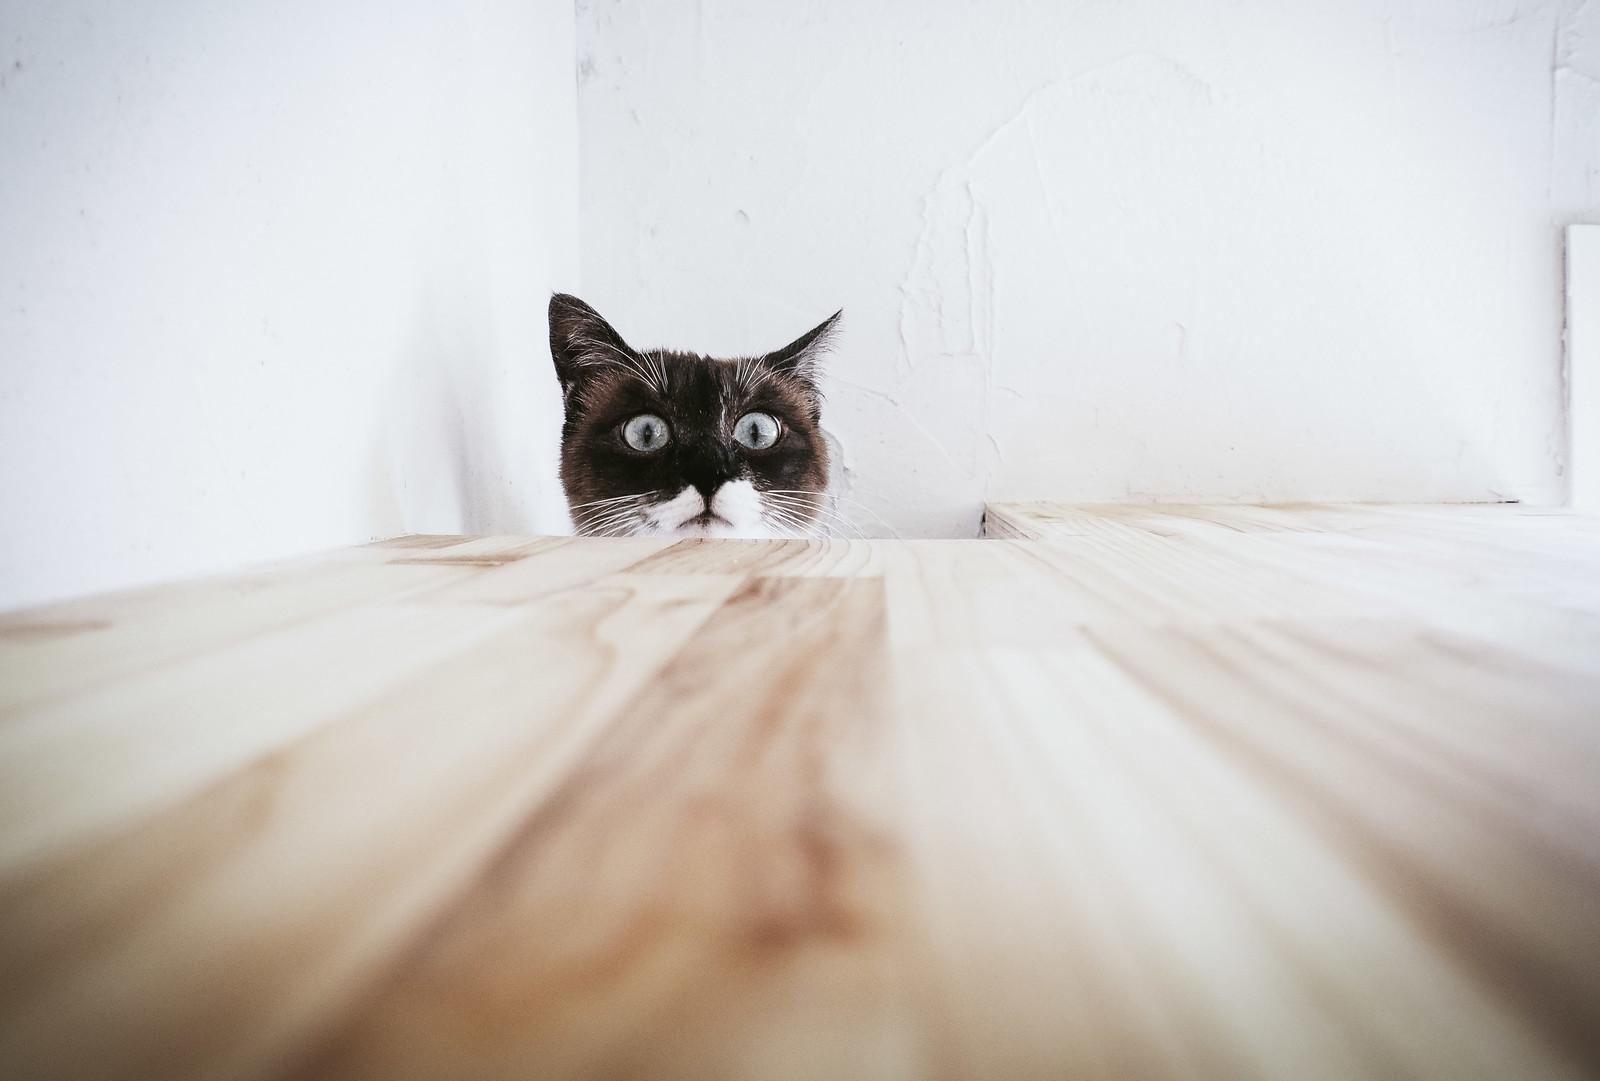 恐る恐る覗き込む猫※